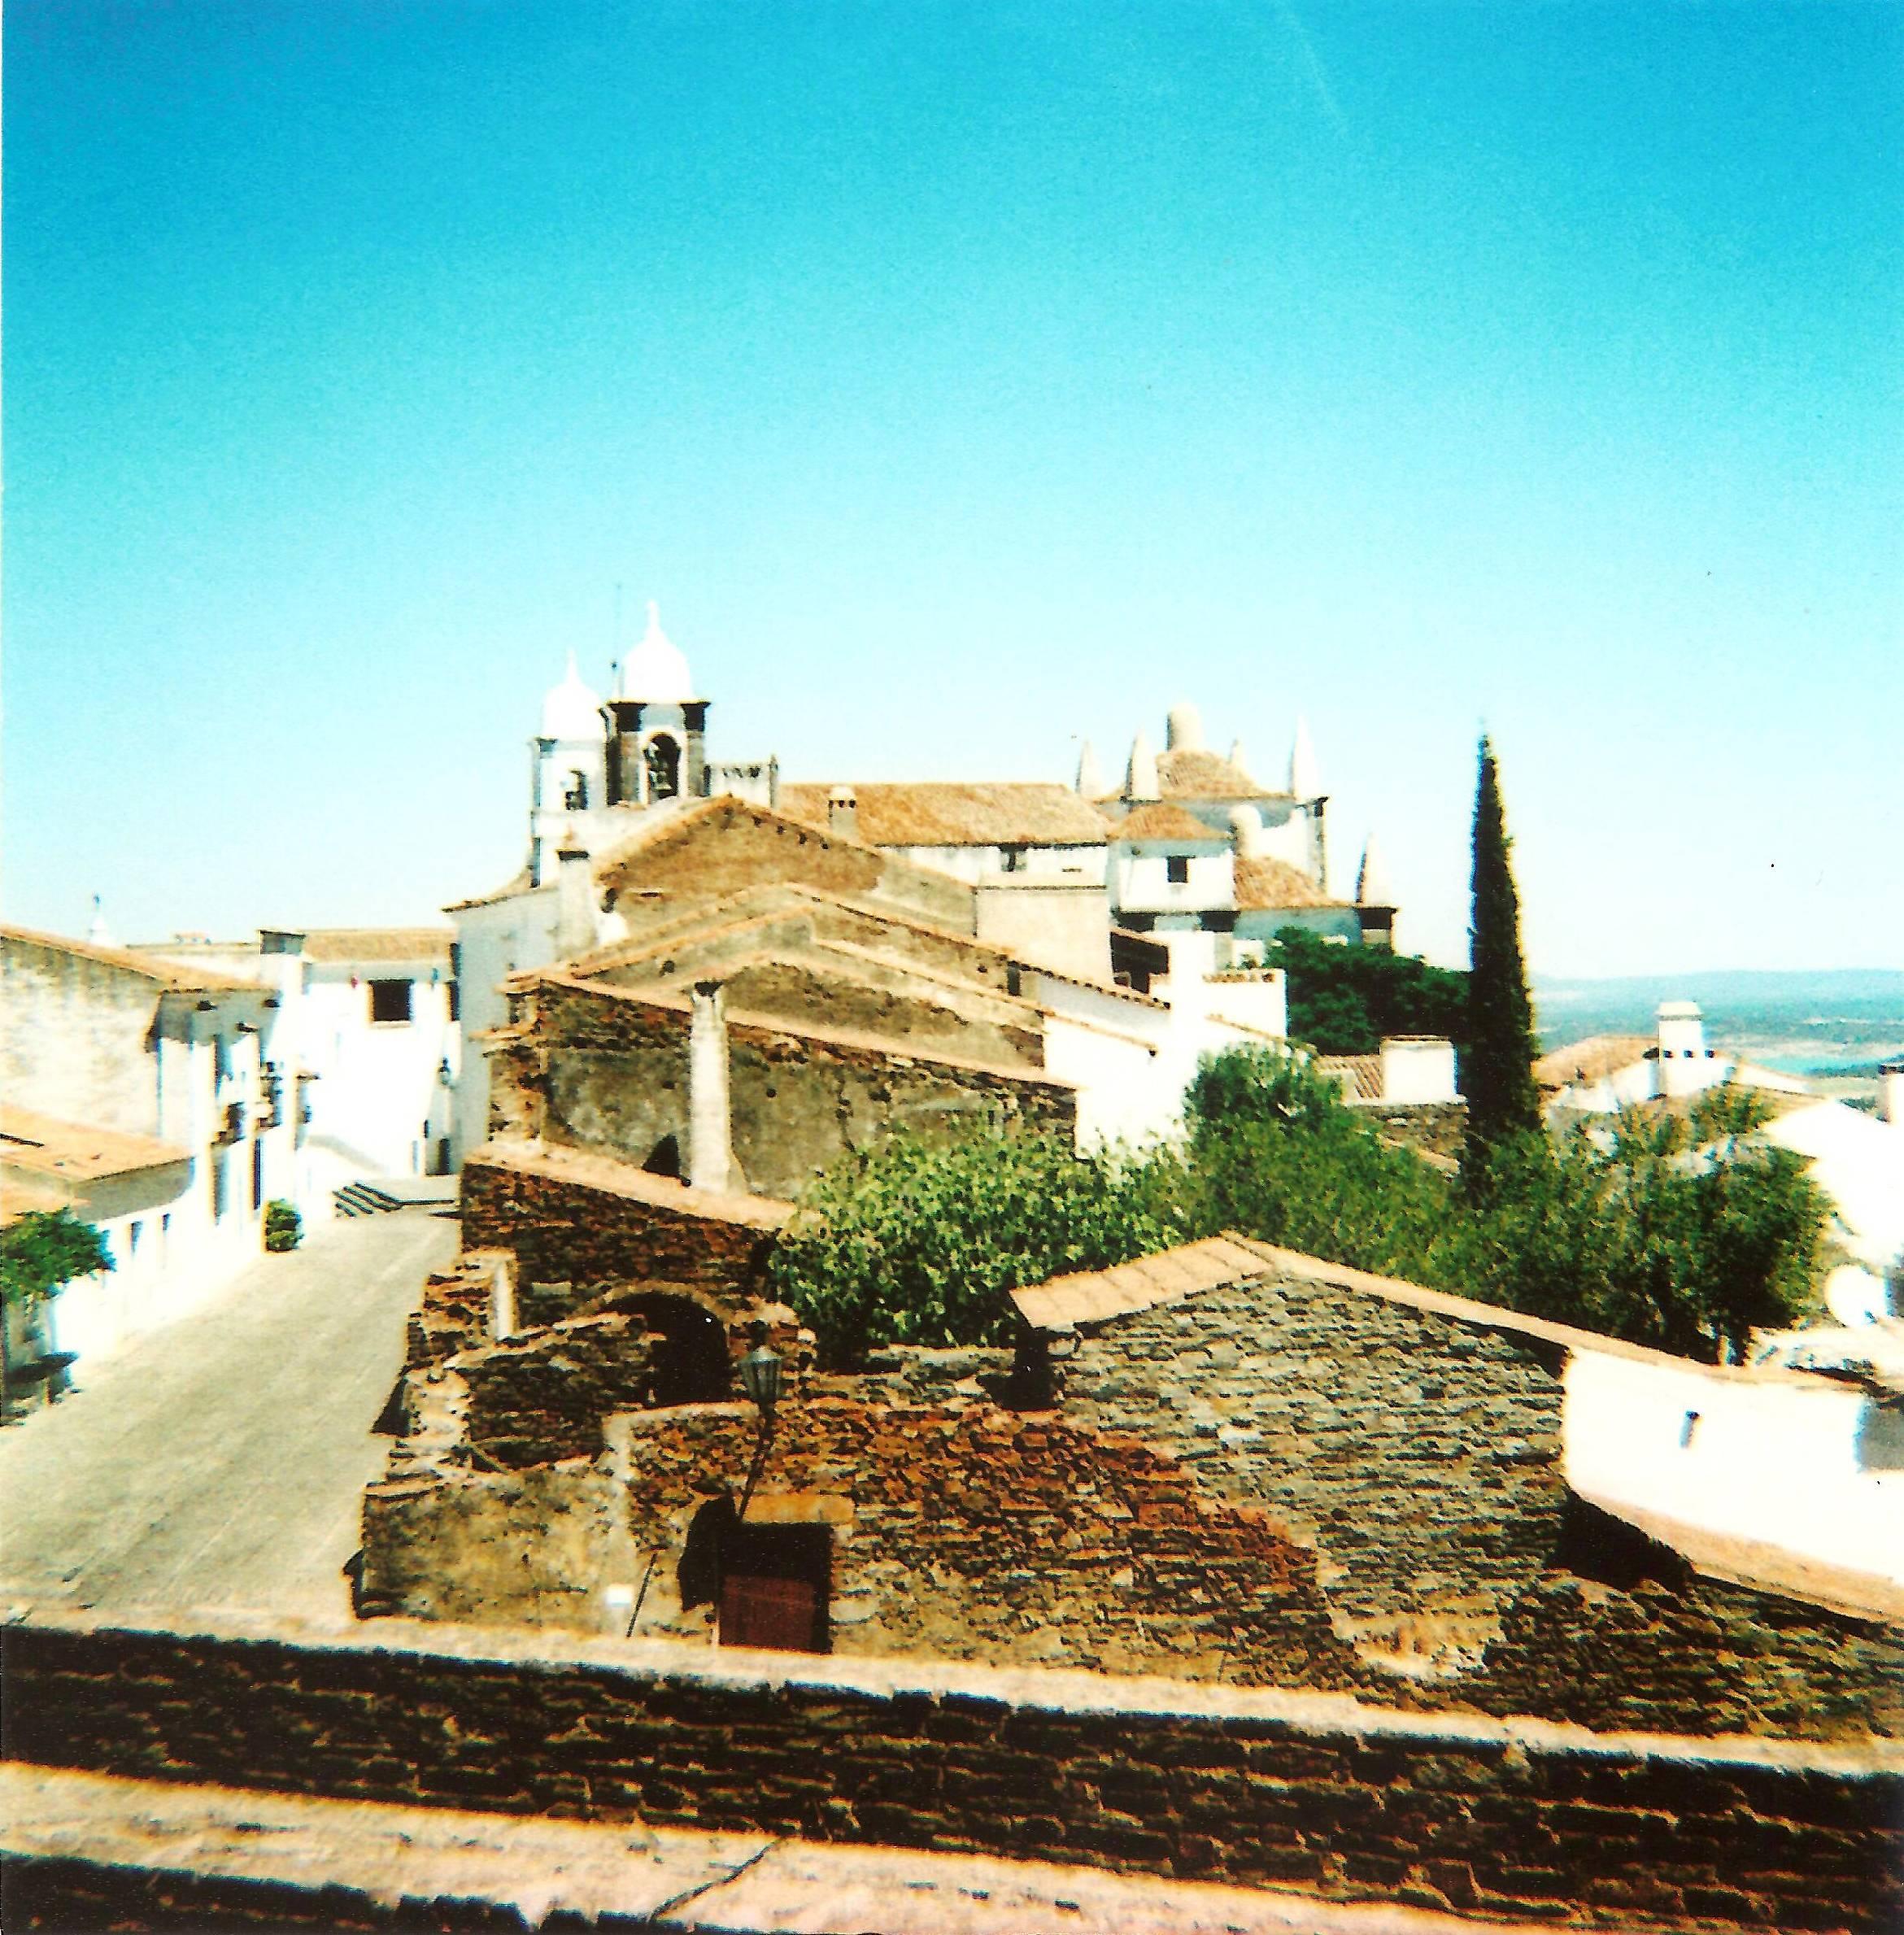 Arte e gastronomia em Portugal - Monsaraz